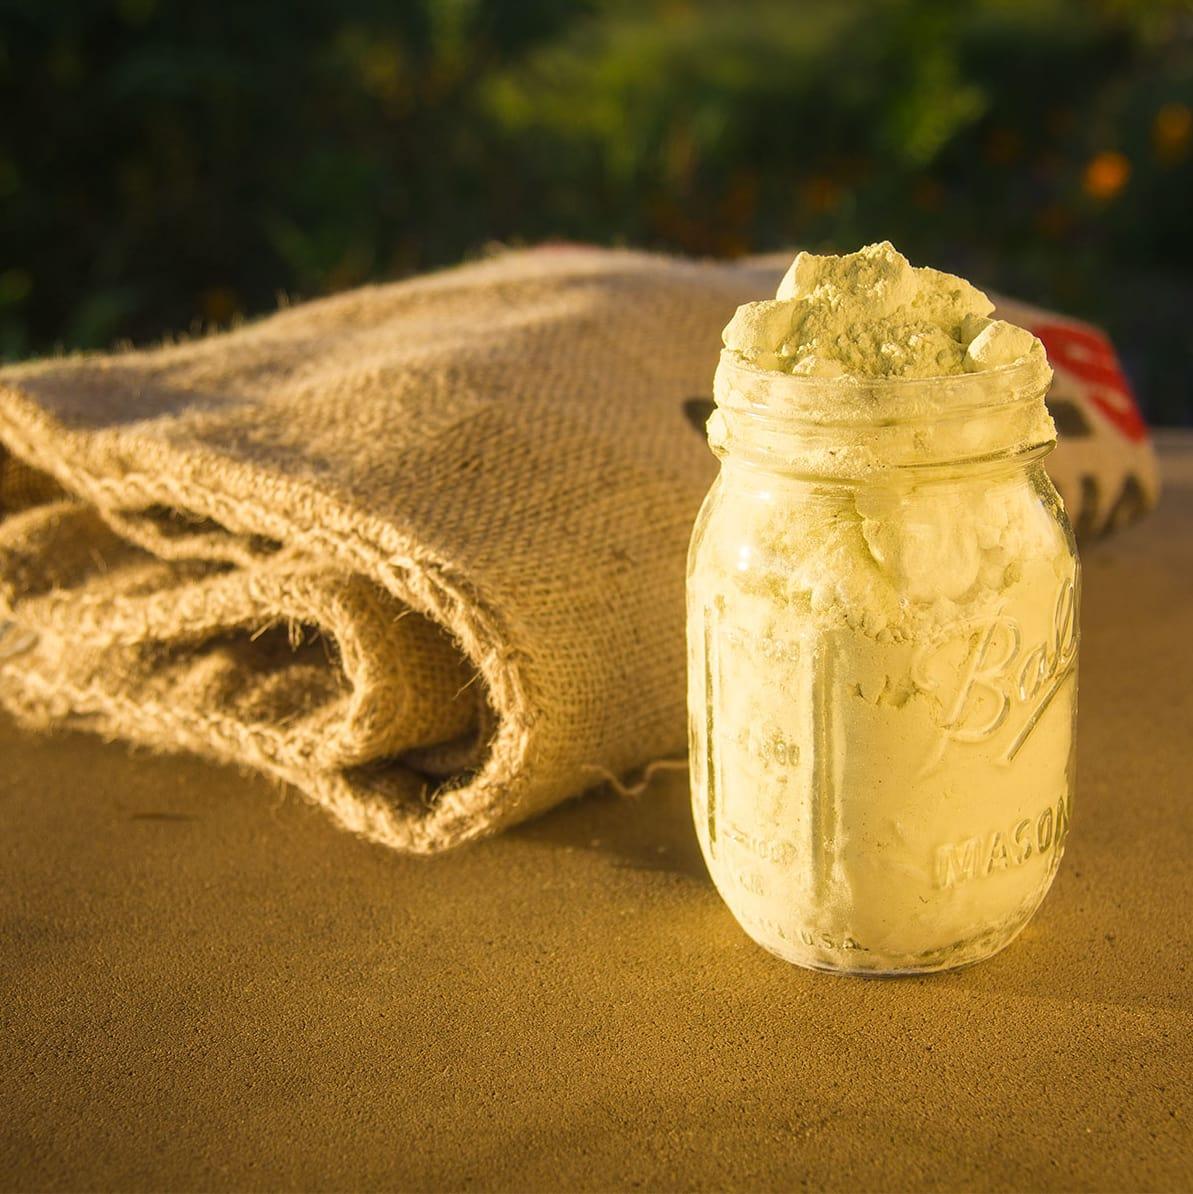 Photos of jar full of sulfur and burlap sack